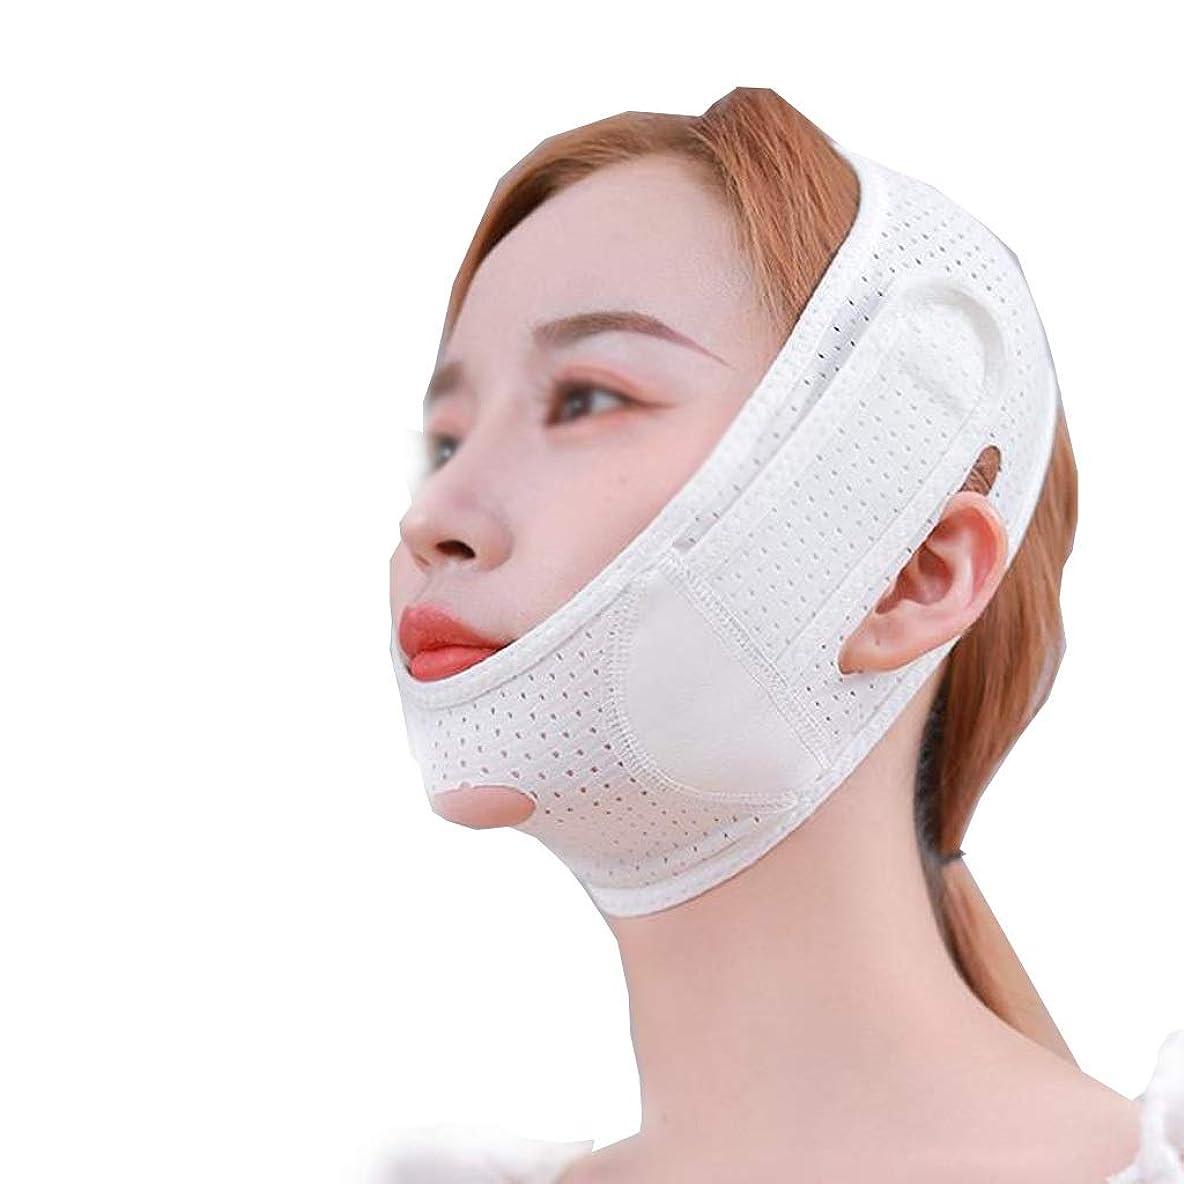 インシュレータ見捨てる緑ZWBD フェイスマスク, 薄い顔のステッカーアーティファクトの包帯は小さい二重顎の法令のマスクを固める小さいVの表面を引っ張ります